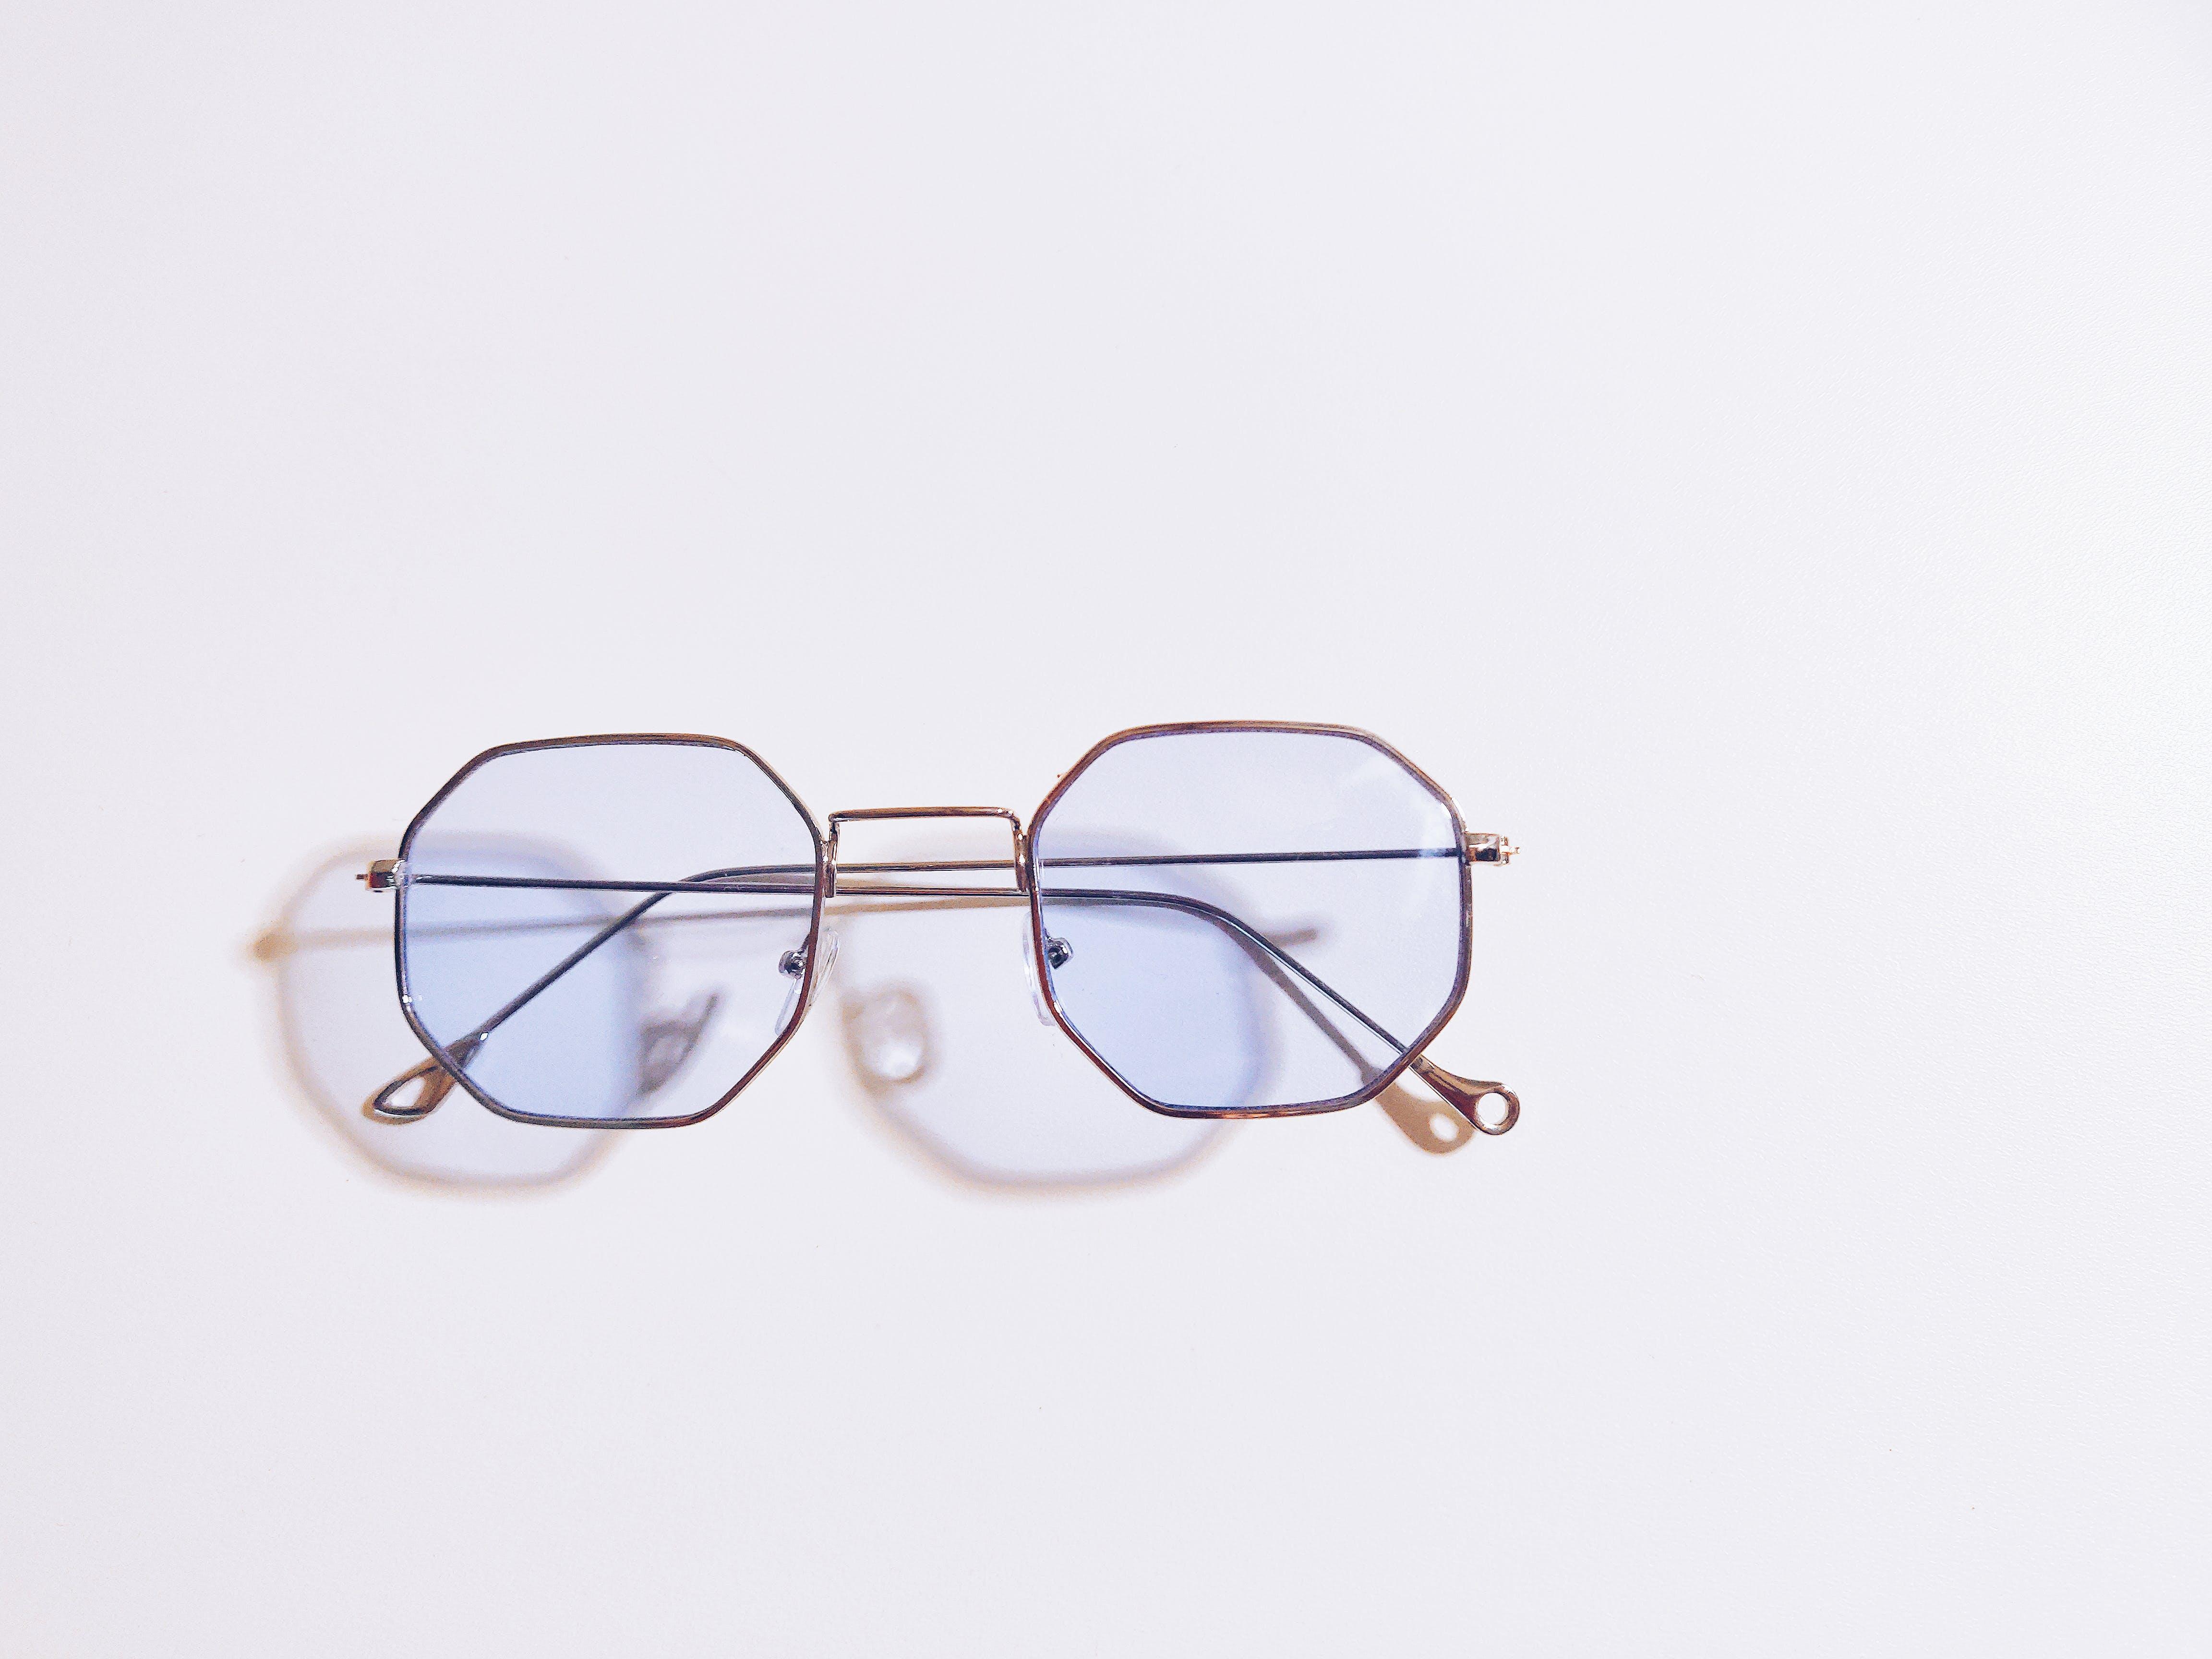 Gratis arkivbilde med briller, skygge